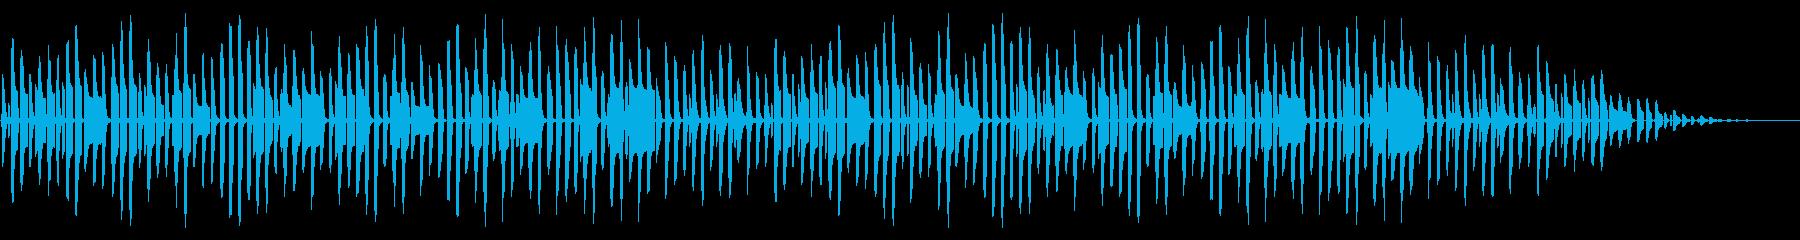 童謡「背くらべ」脱力系アレンジの再生済みの波形